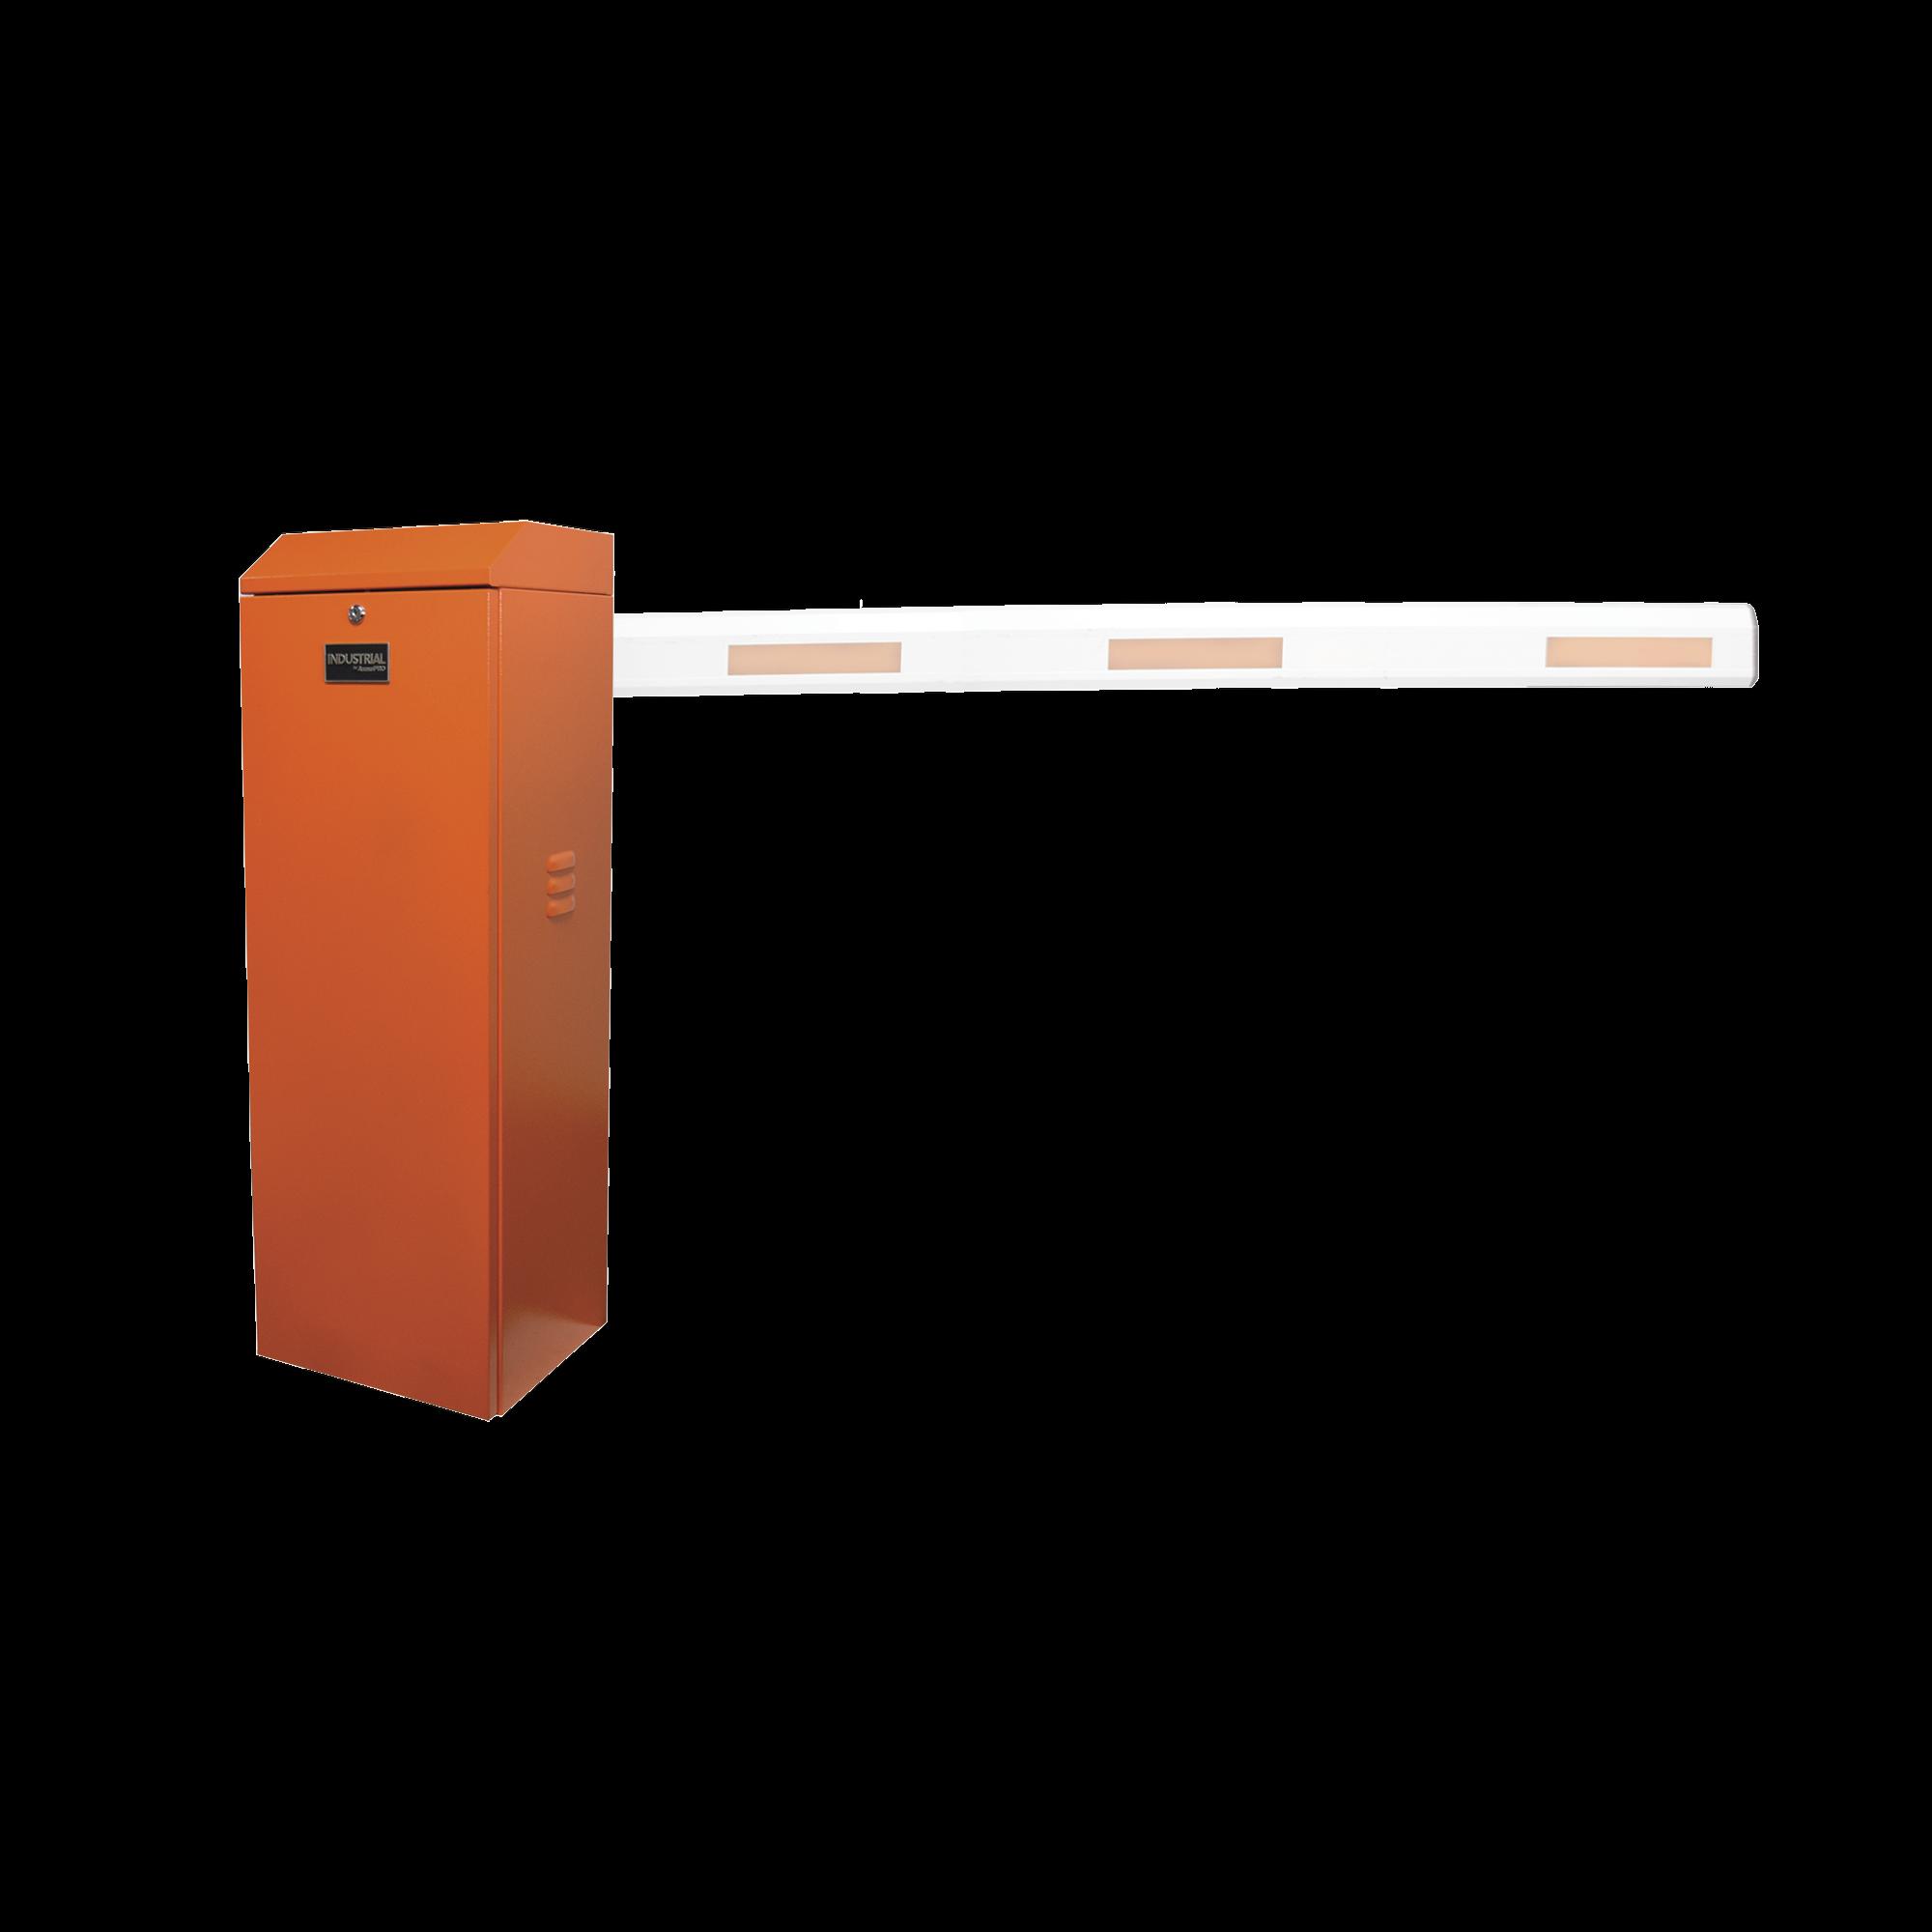 Barrera vehicular derecha / Soporta brazo de hasta 5.5 m / Final de carrera ajustable por programacion / Movimiento fluido / Dise�o elegante color naranja